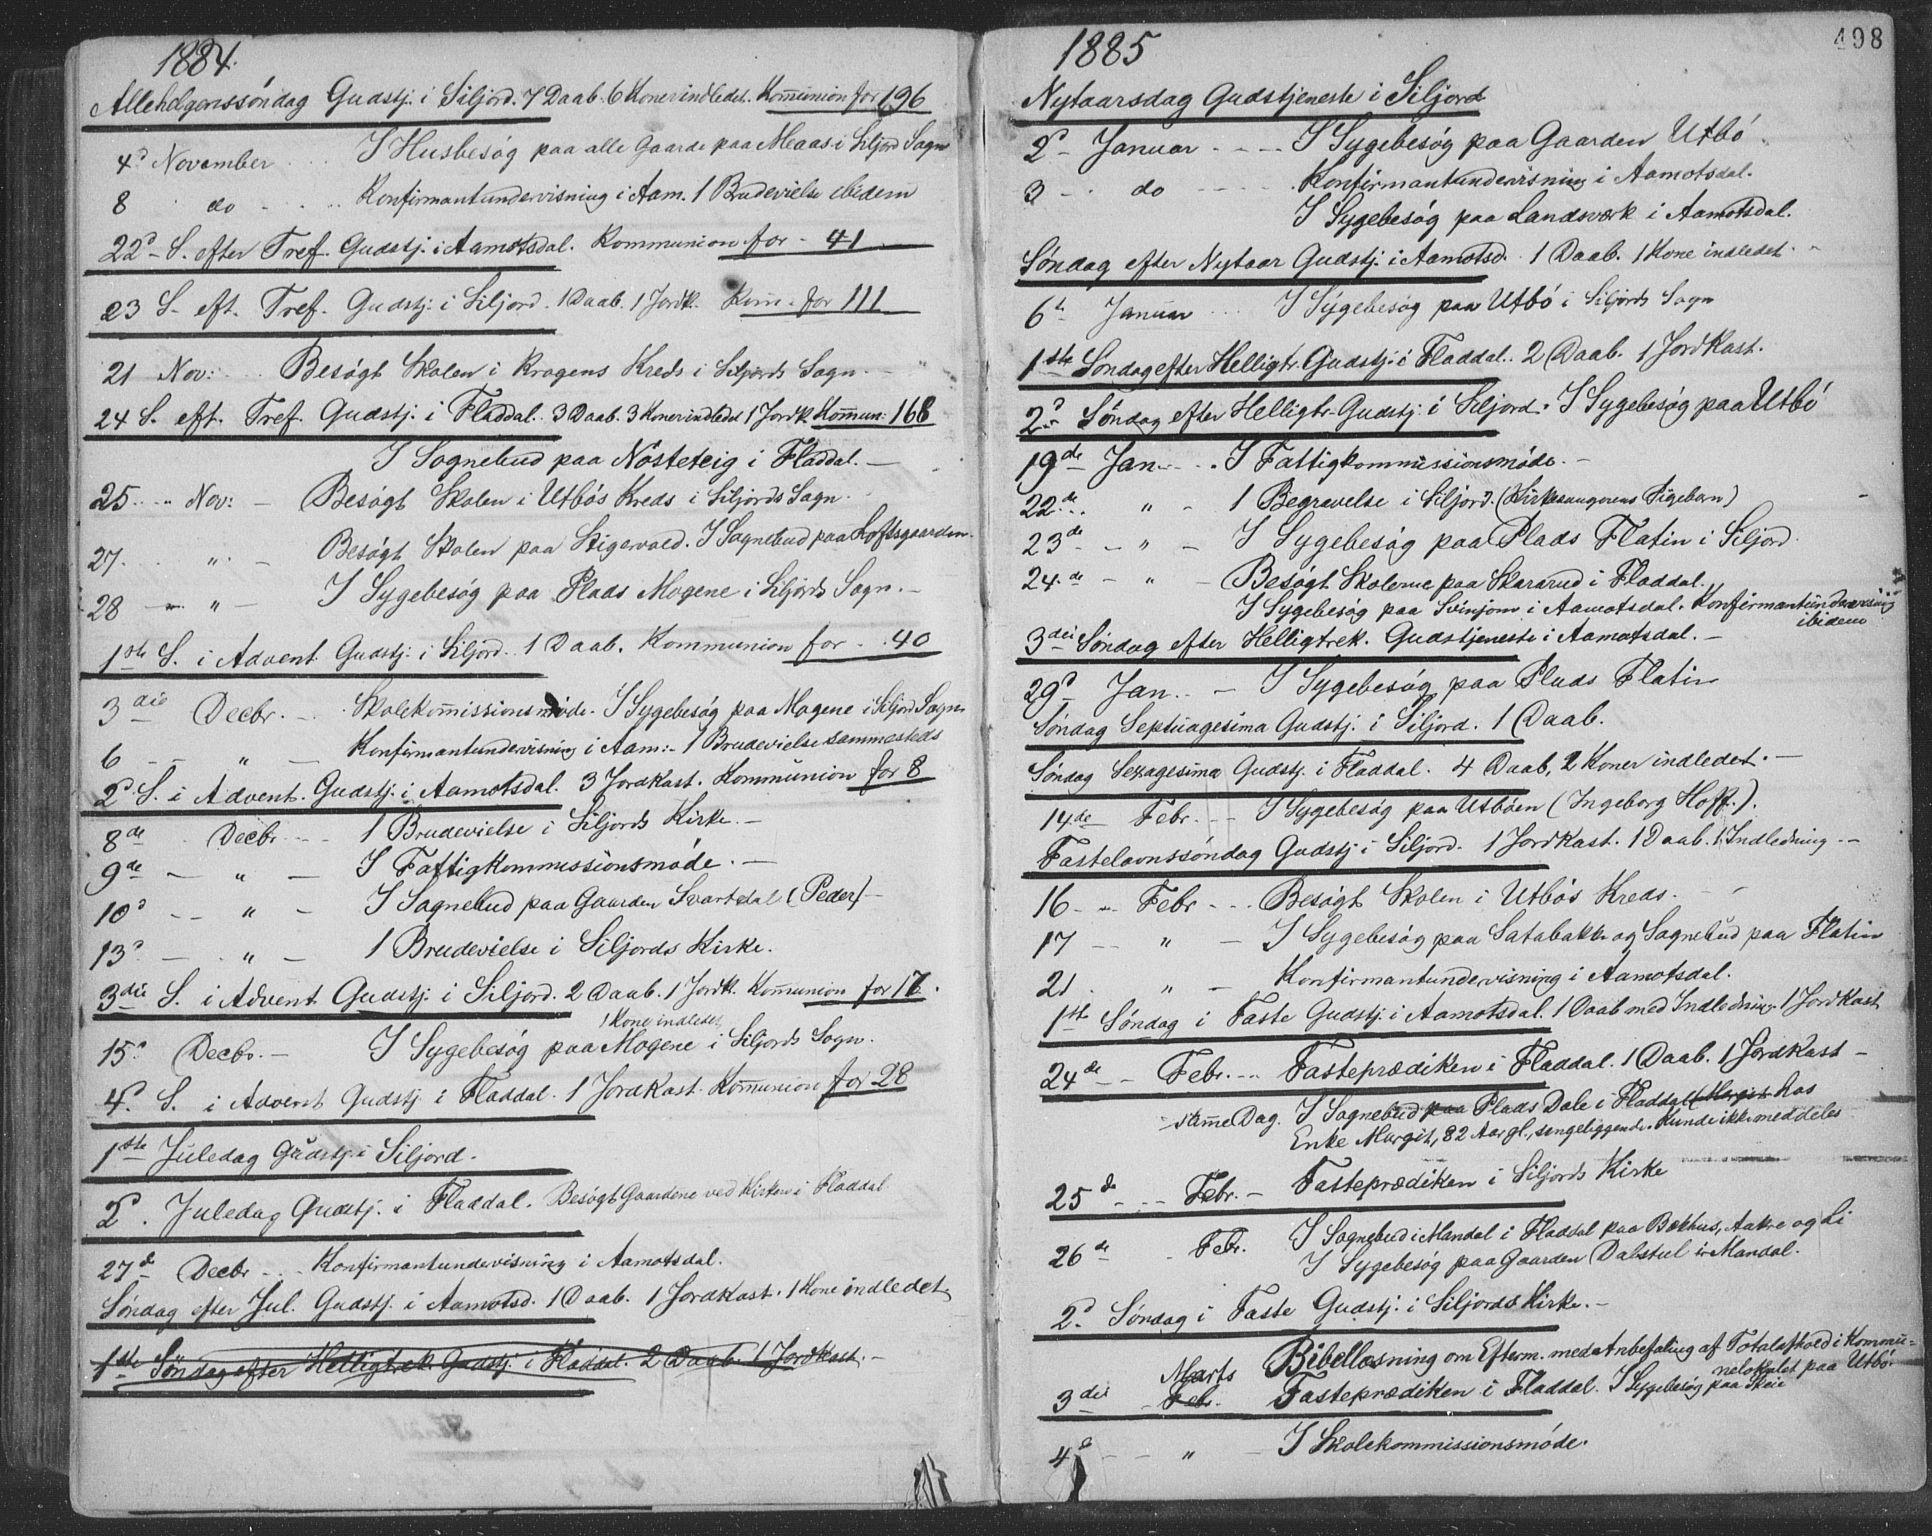 SAKO, Seljord kirkebøker, F/Fa/L0014: Ministerialbok nr. I 14, 1877-1886, s. 498